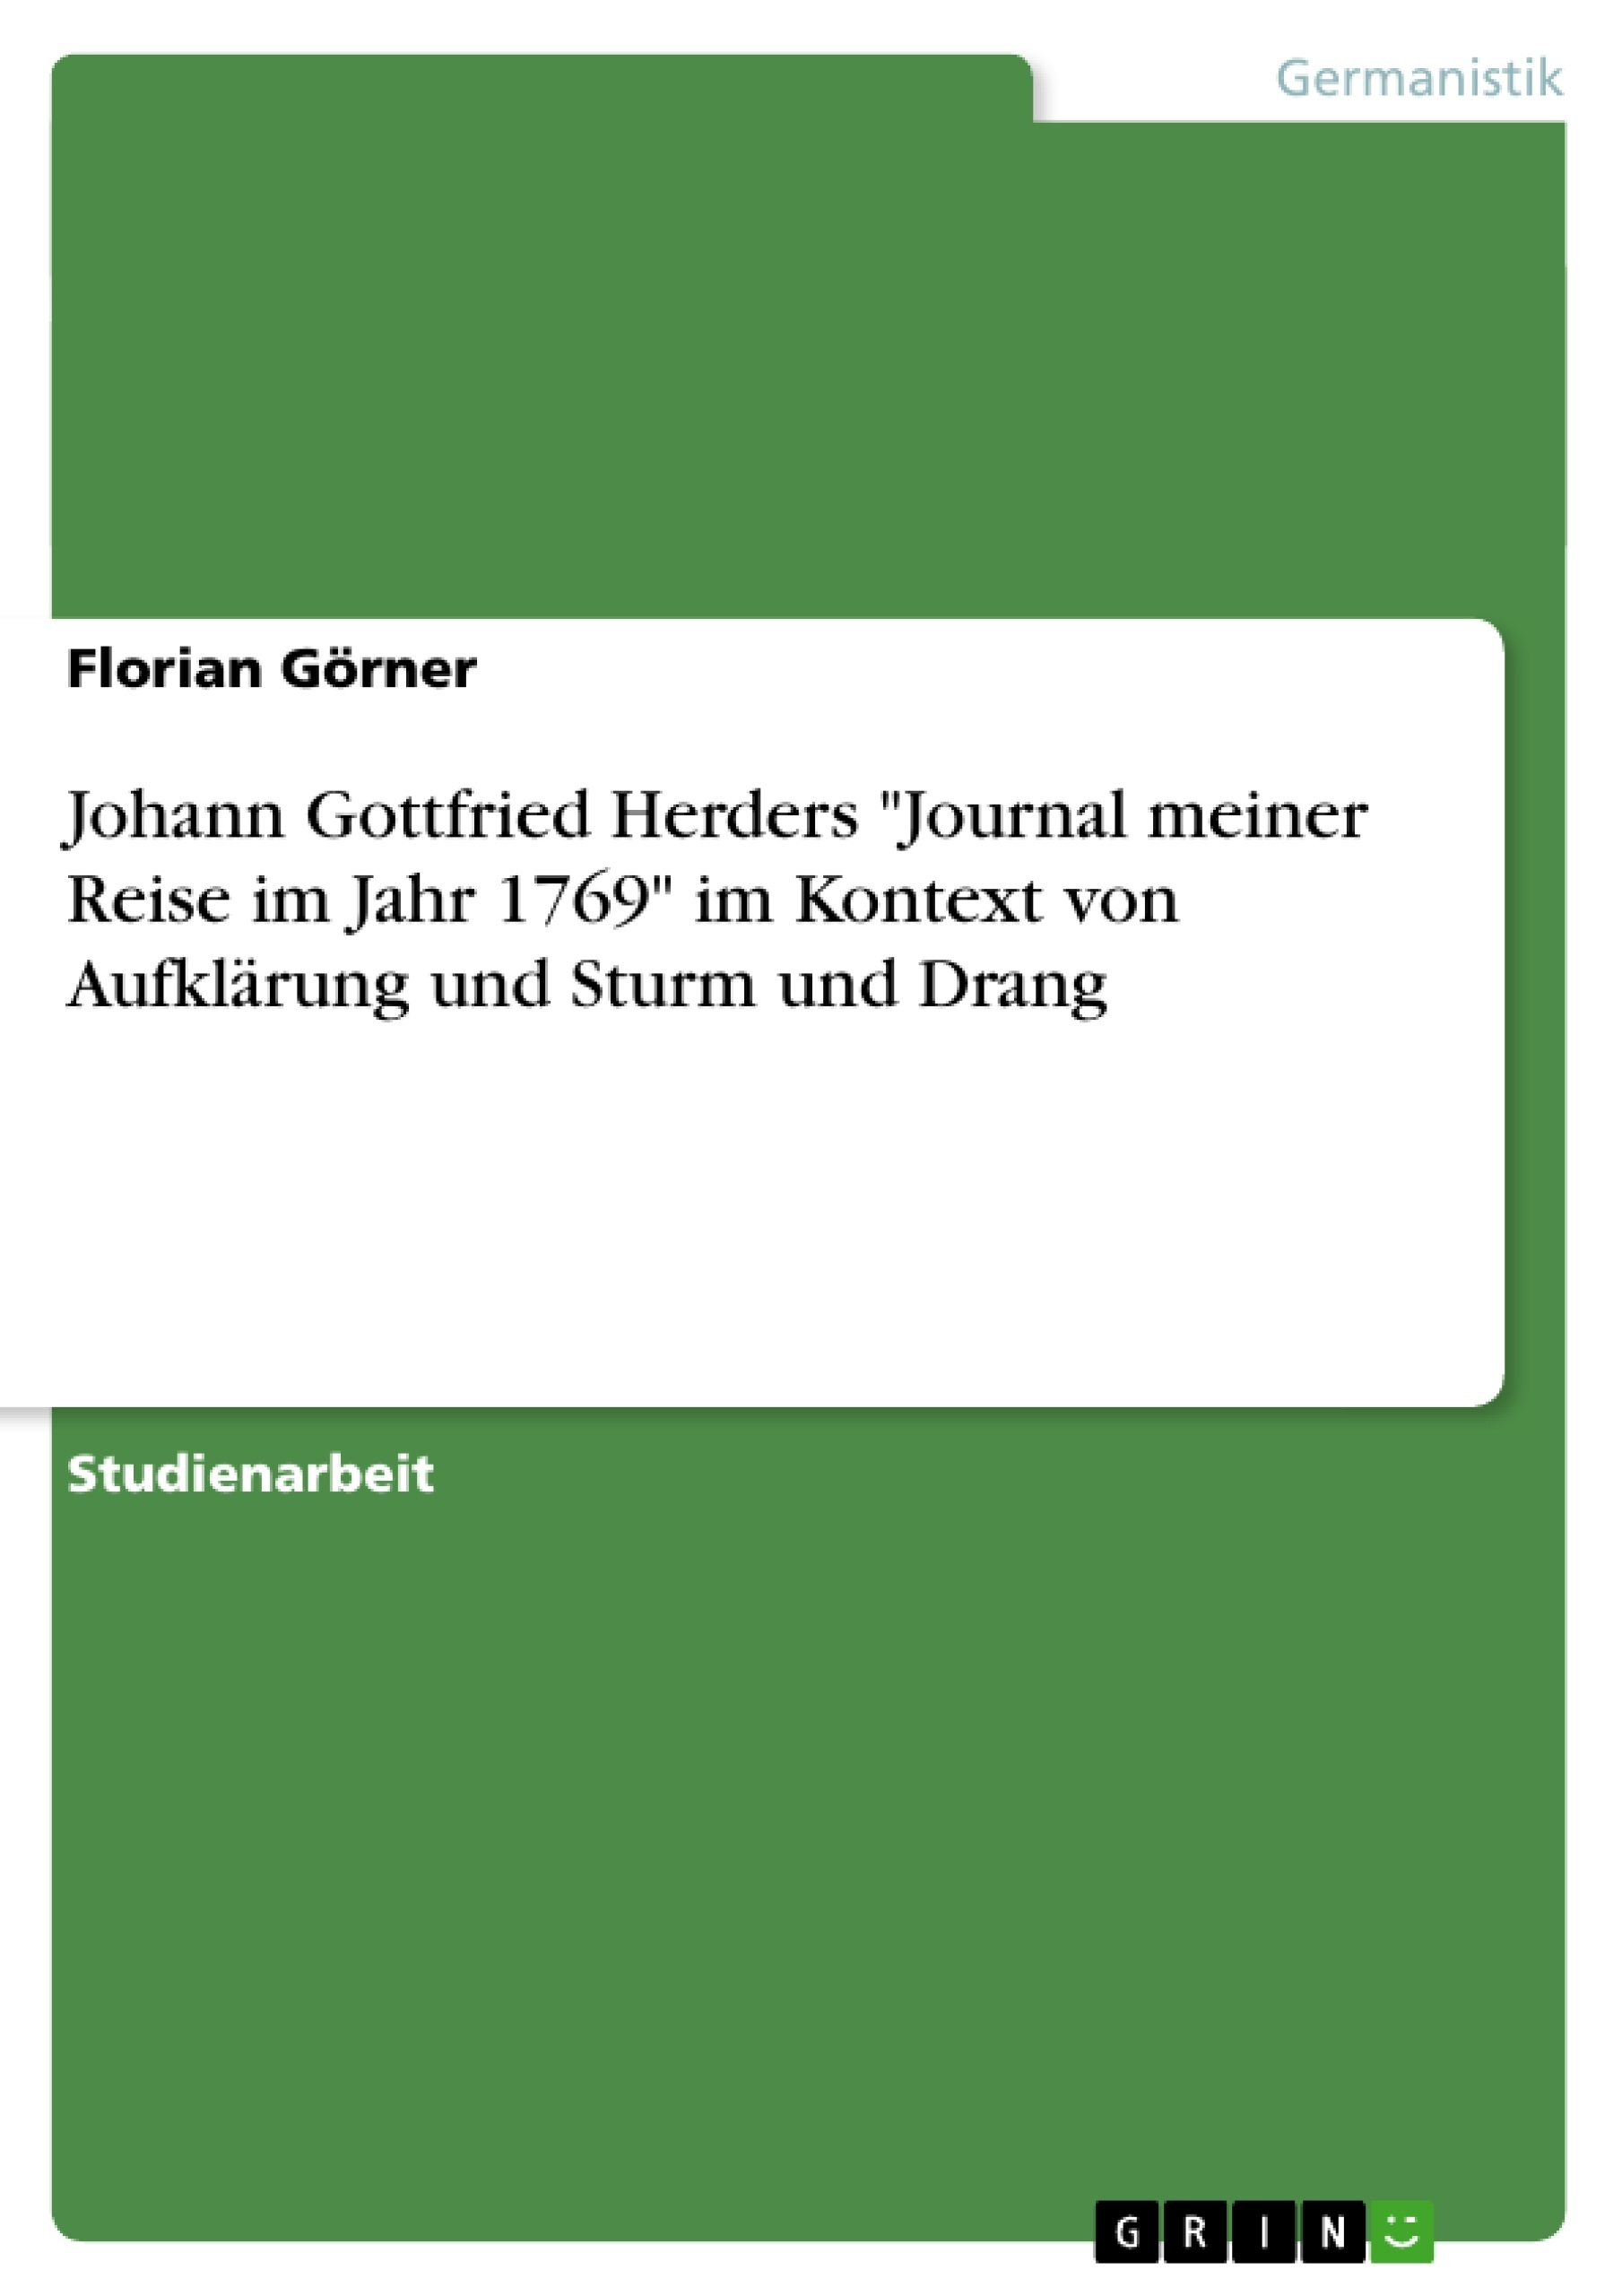 """Titel: Johann Gottfried Herders """"Journal meiner Reise im Jahr 1769"""" im Kontext von Aufklärung und Sturm und Drang"""